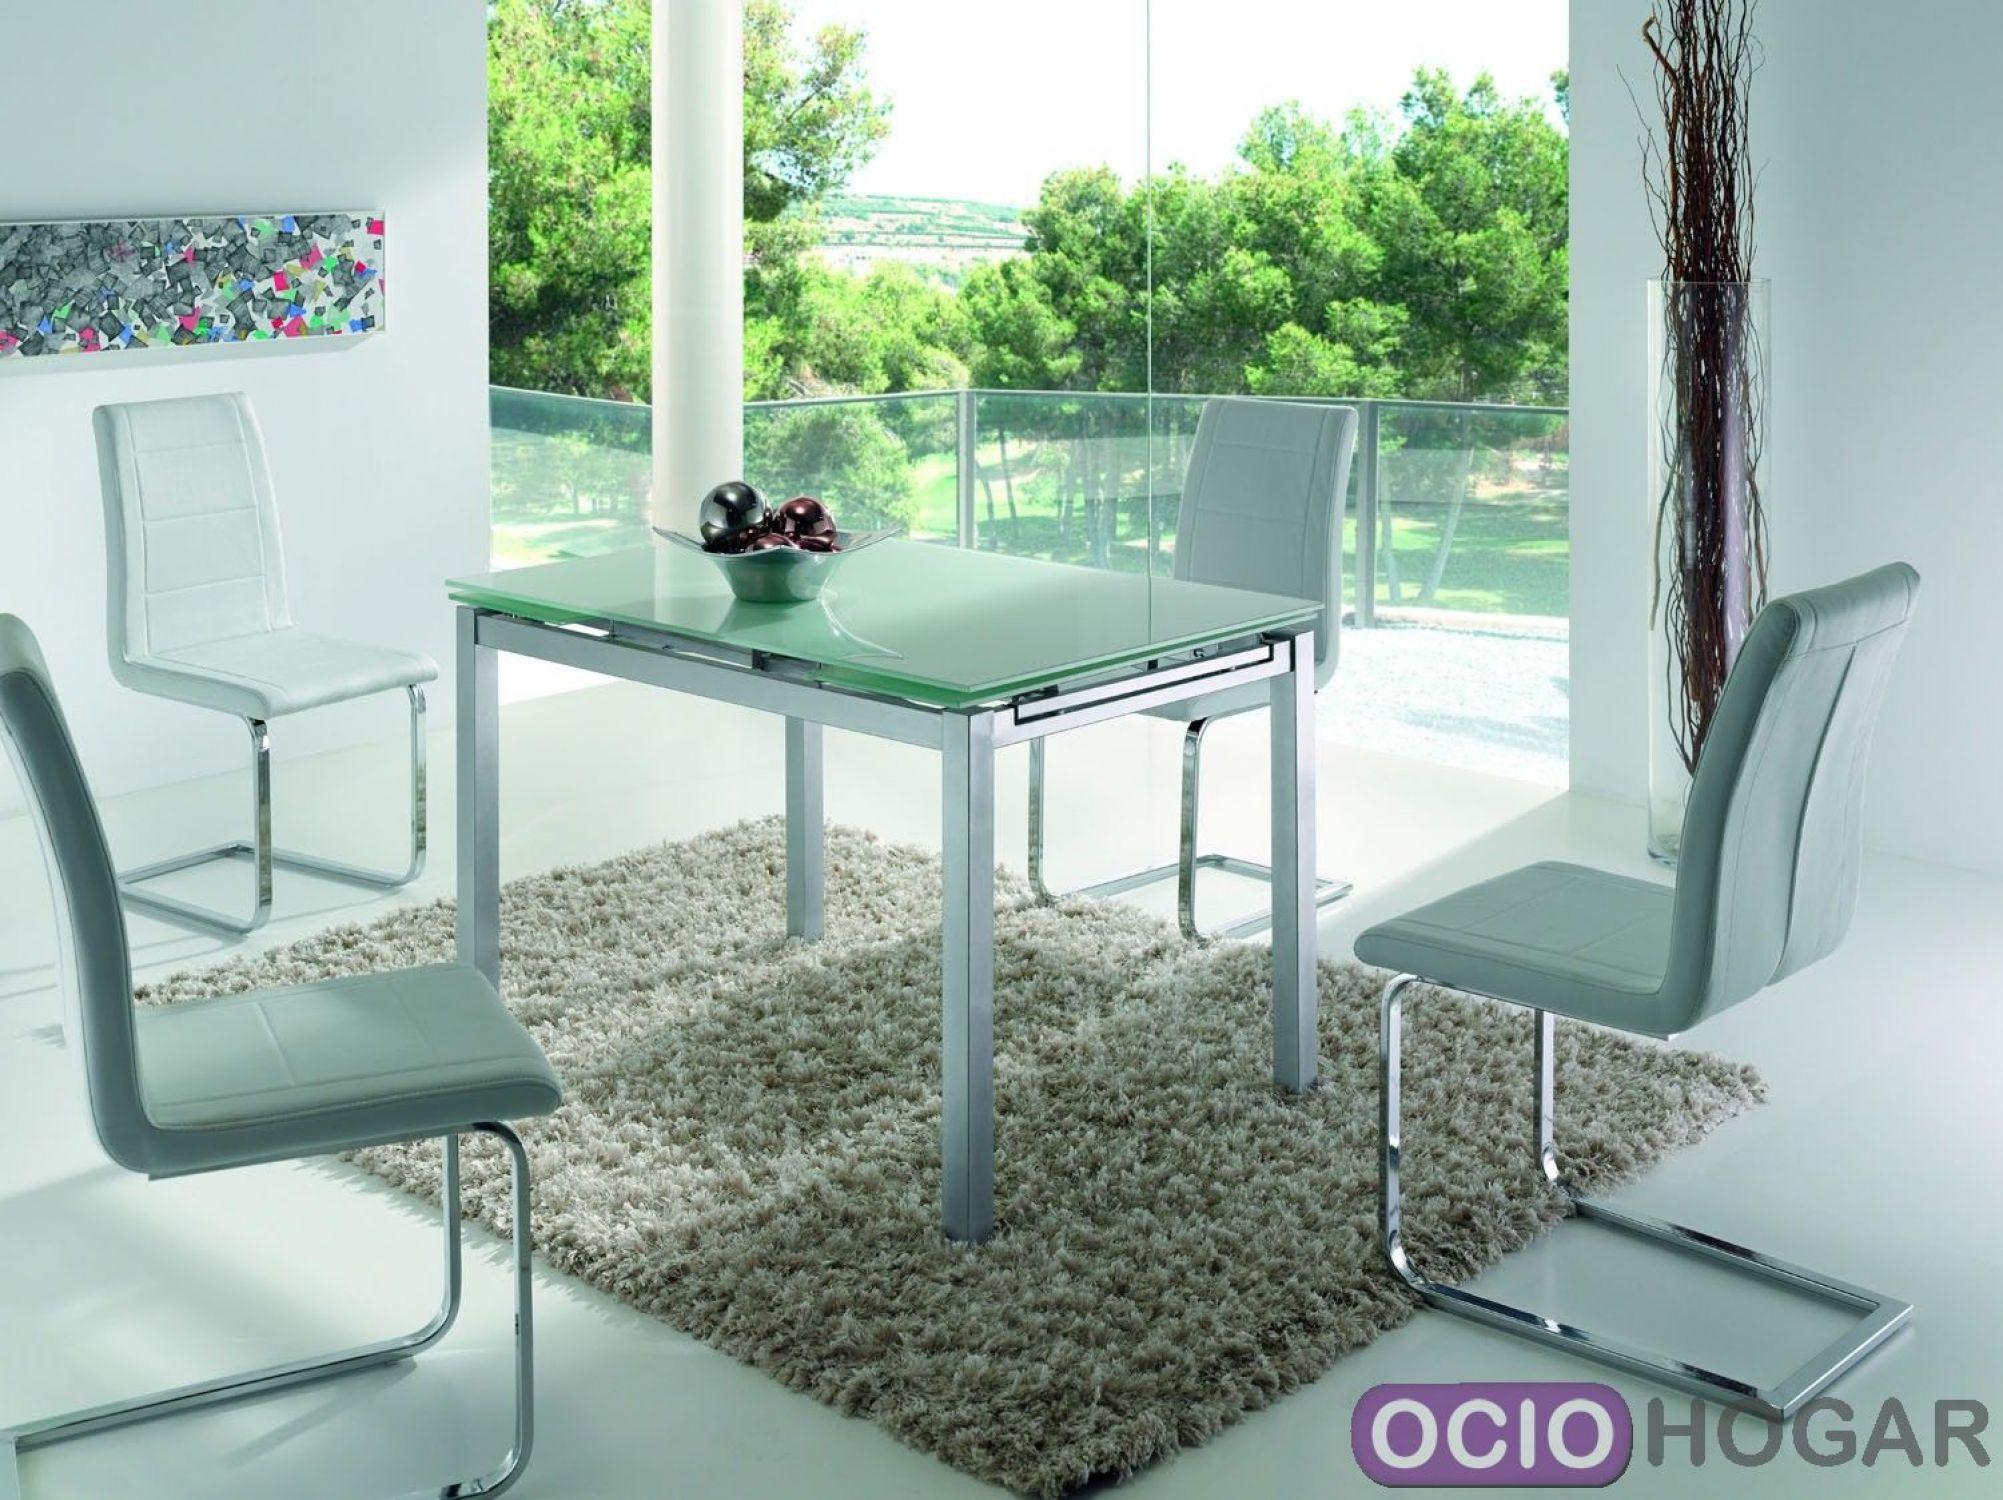 Mesa de cocina Alma de Dissery - OcioHogar.com